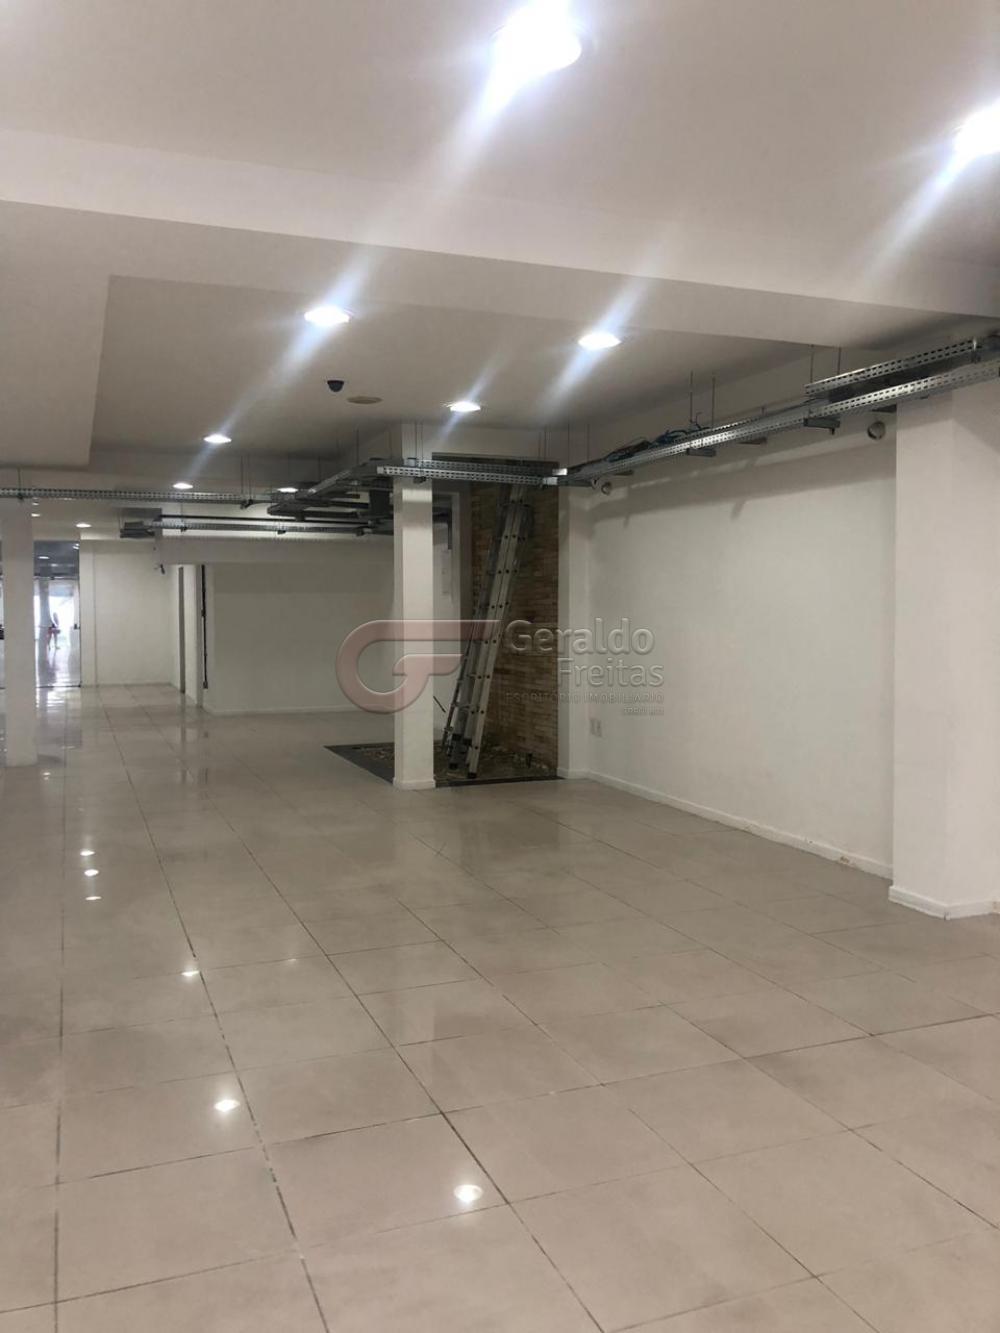 Alugar Comerciais / Prédio em Maceió apenas R$ 20.000,00 - Foto 11